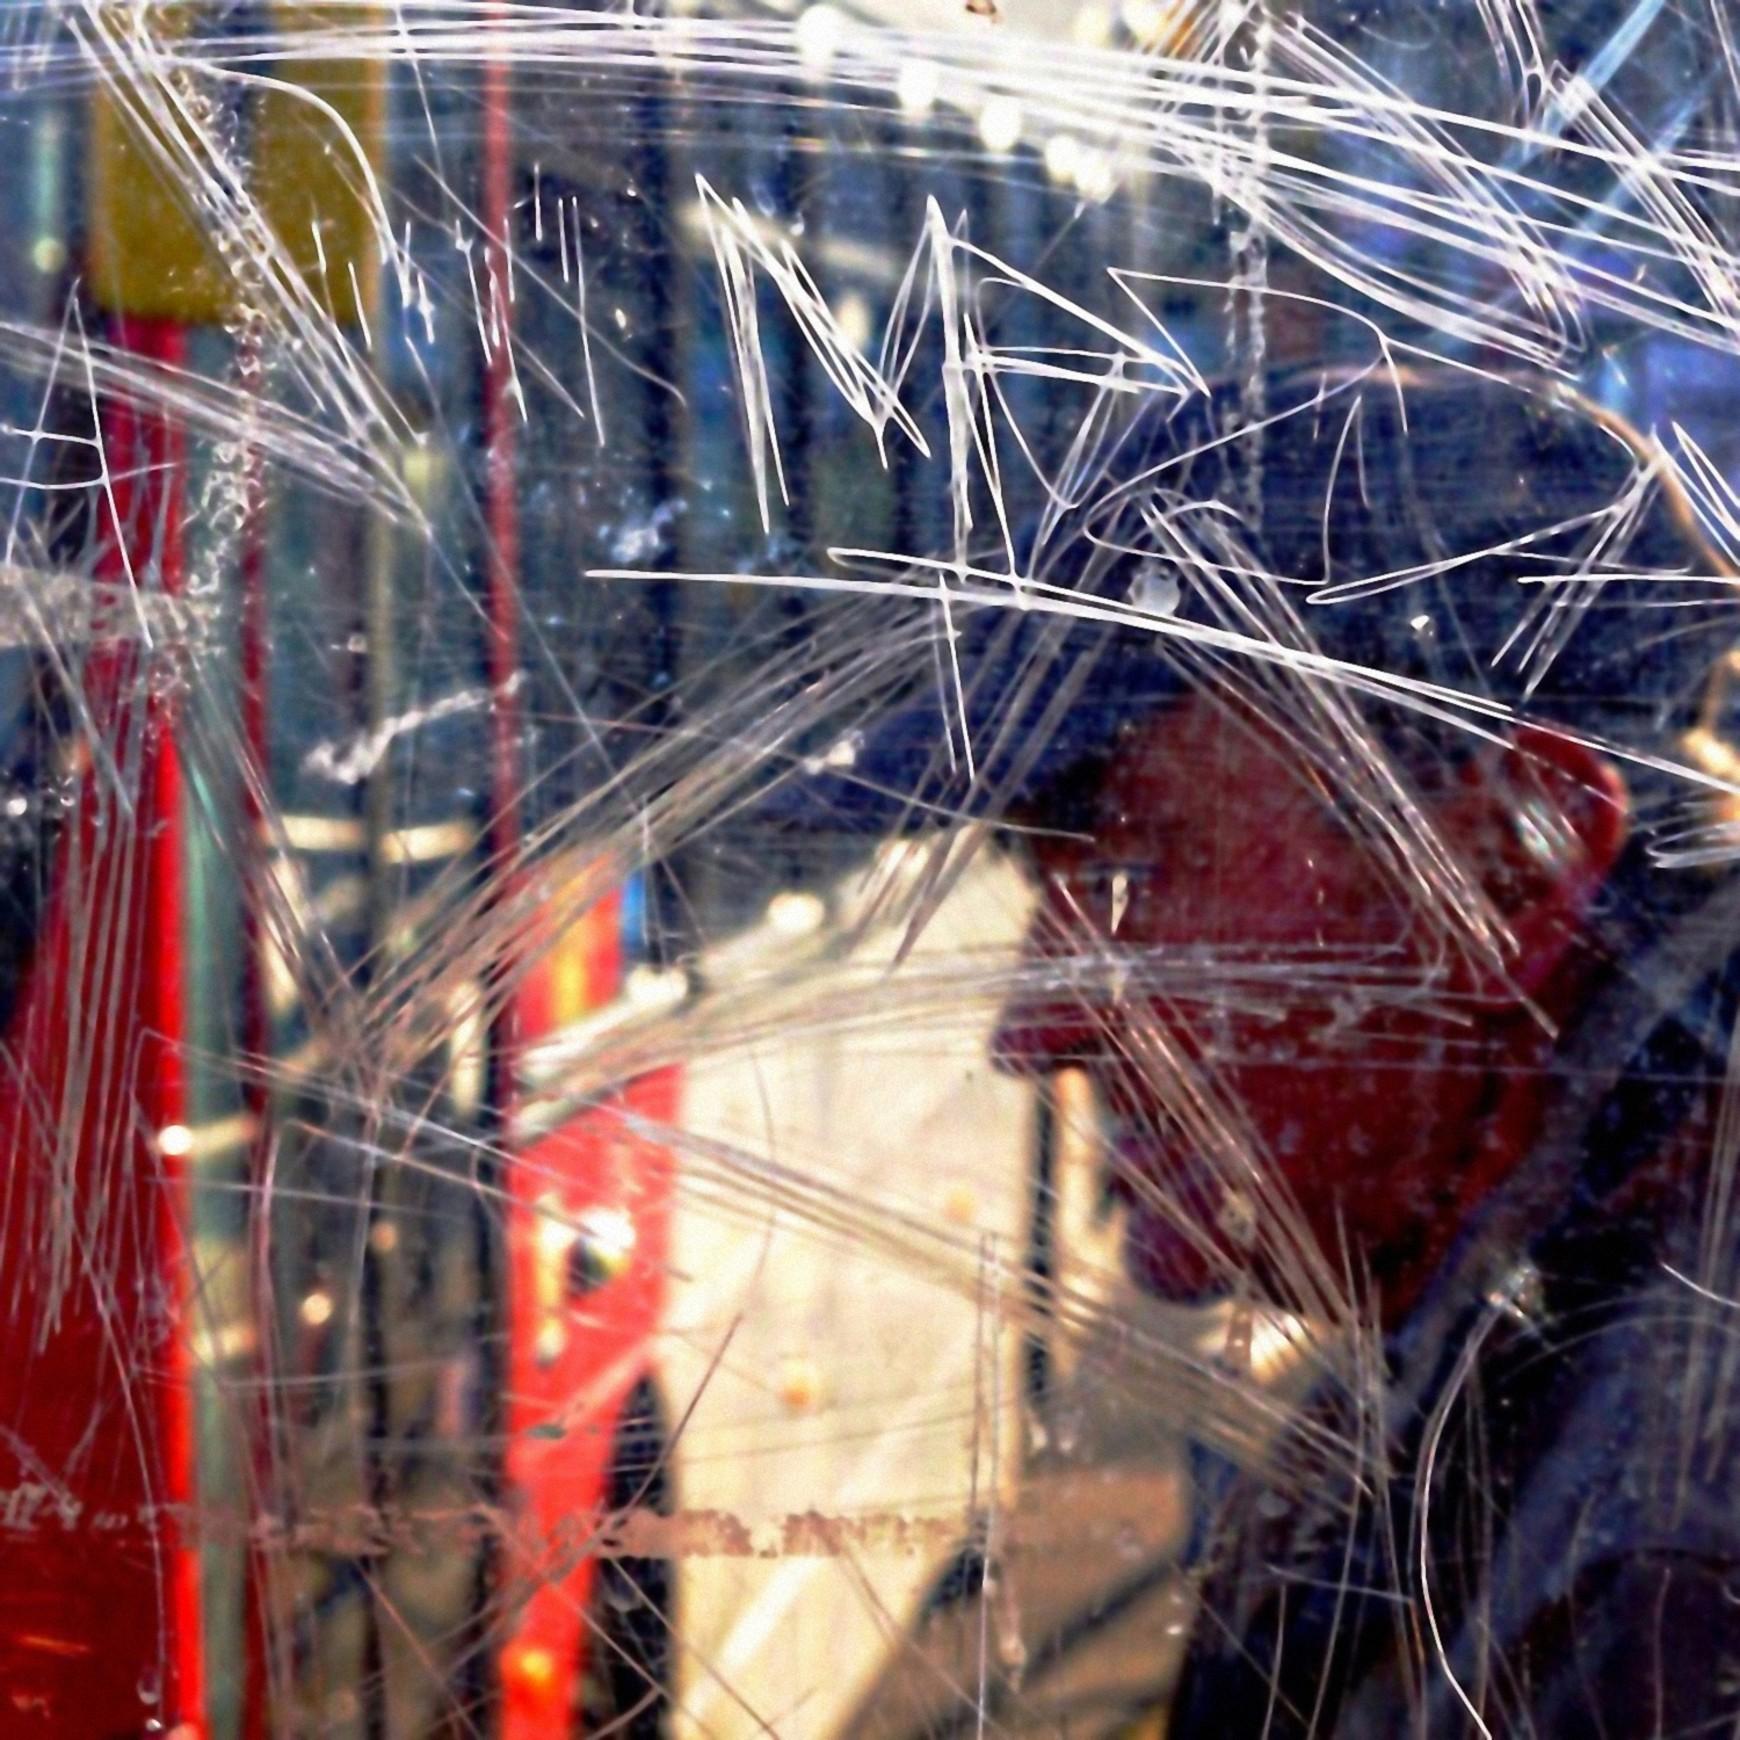 Bus Stop, il progetto anti-fotografico di Stephen Calcutt | Collater.al 3